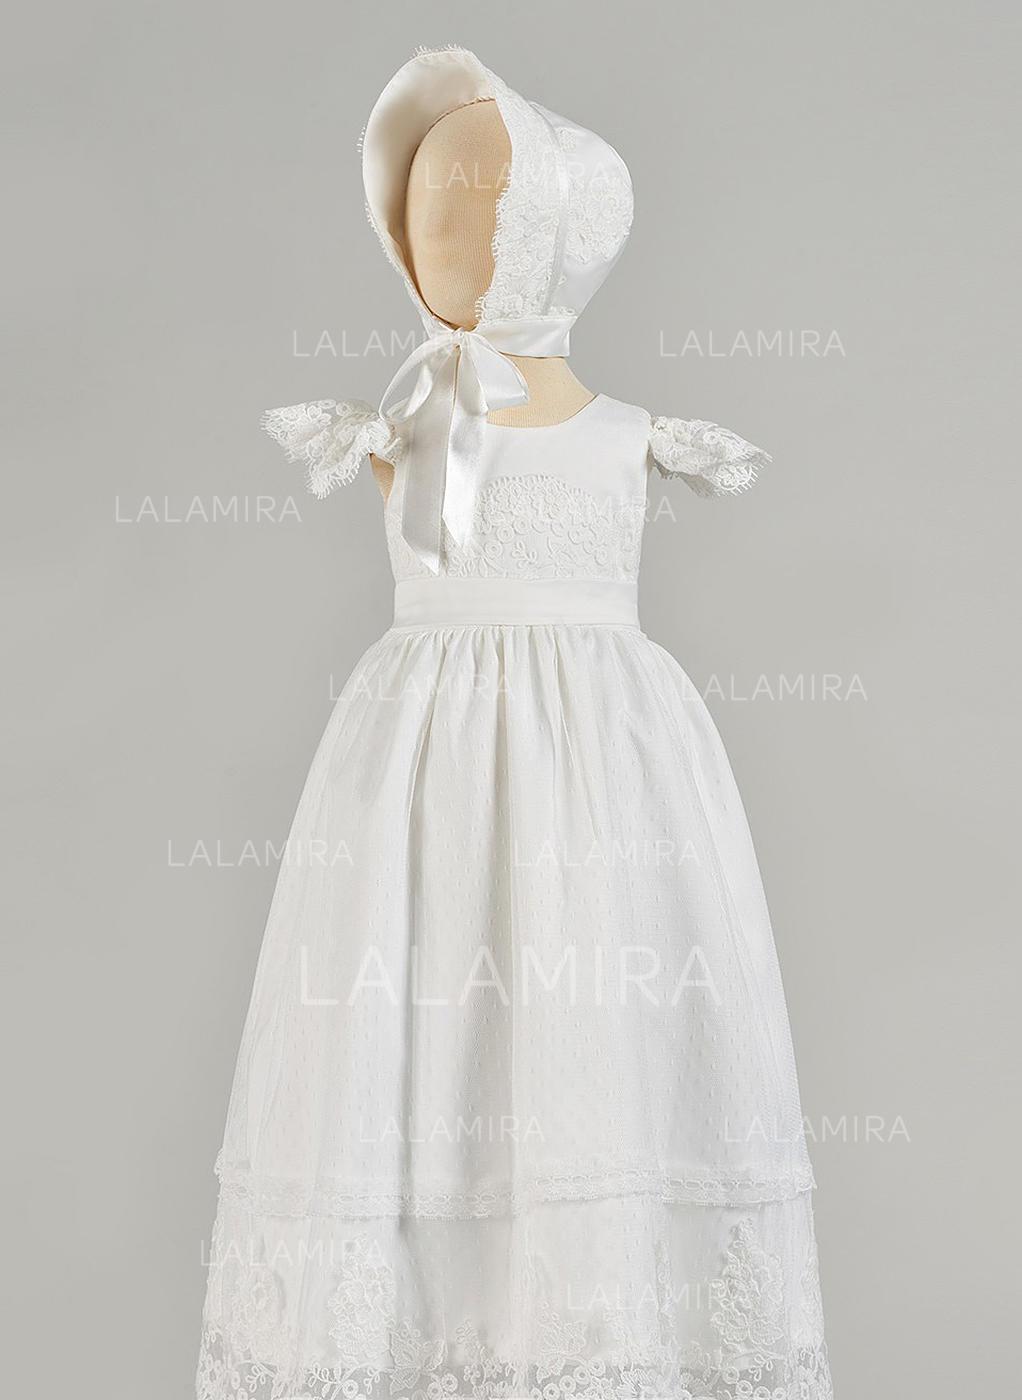 6ec1928a7 Satén Tul Escote redondo Vestidos de bautizo para bebés con Manga corta  (2001217434). Loading zoom. Cargando